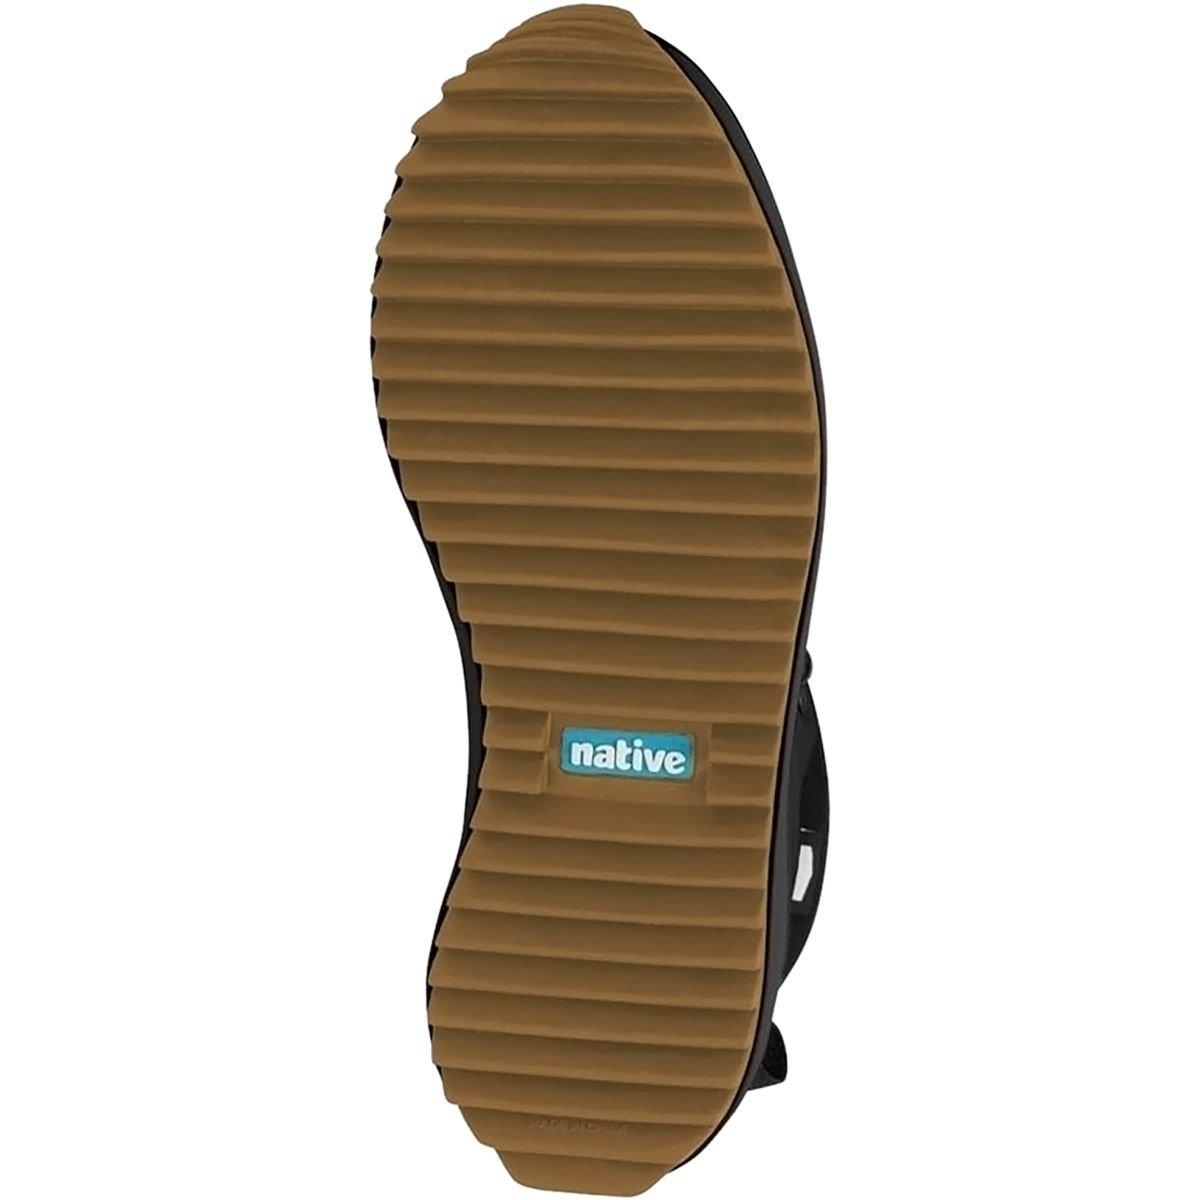 native Men's Ap Apex Ct Rain Boot B01MUA6FED 6.5 Women / 4.5 Men M US|Jiffy Black Ct/Jiffy Black/Natural Rubber